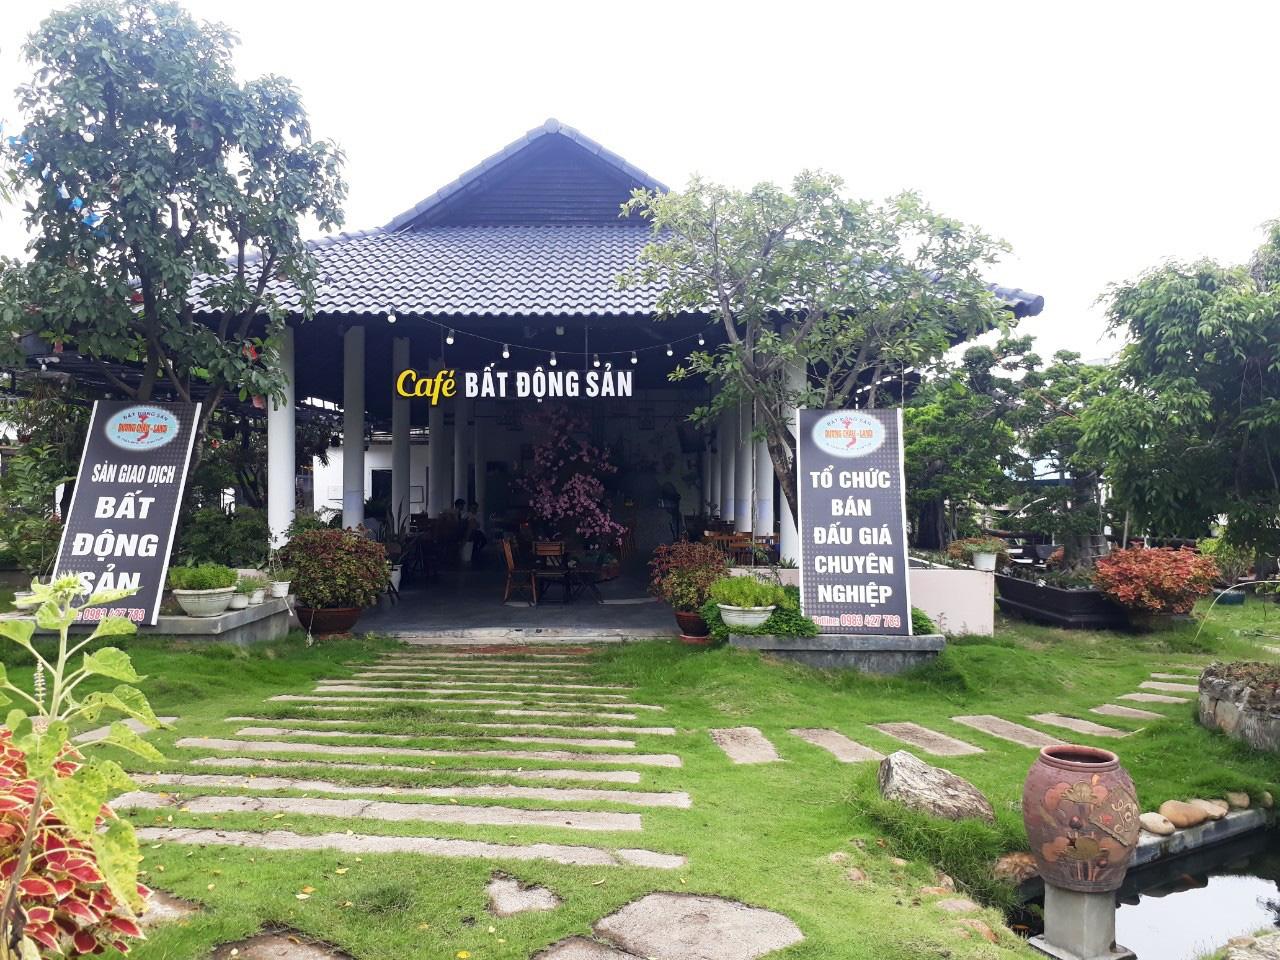 Quán cà phê trong khu Villa của ông Dương Ngọc Văn cũng không có giấy phép xây dựng. Ảnh: Đình Văn